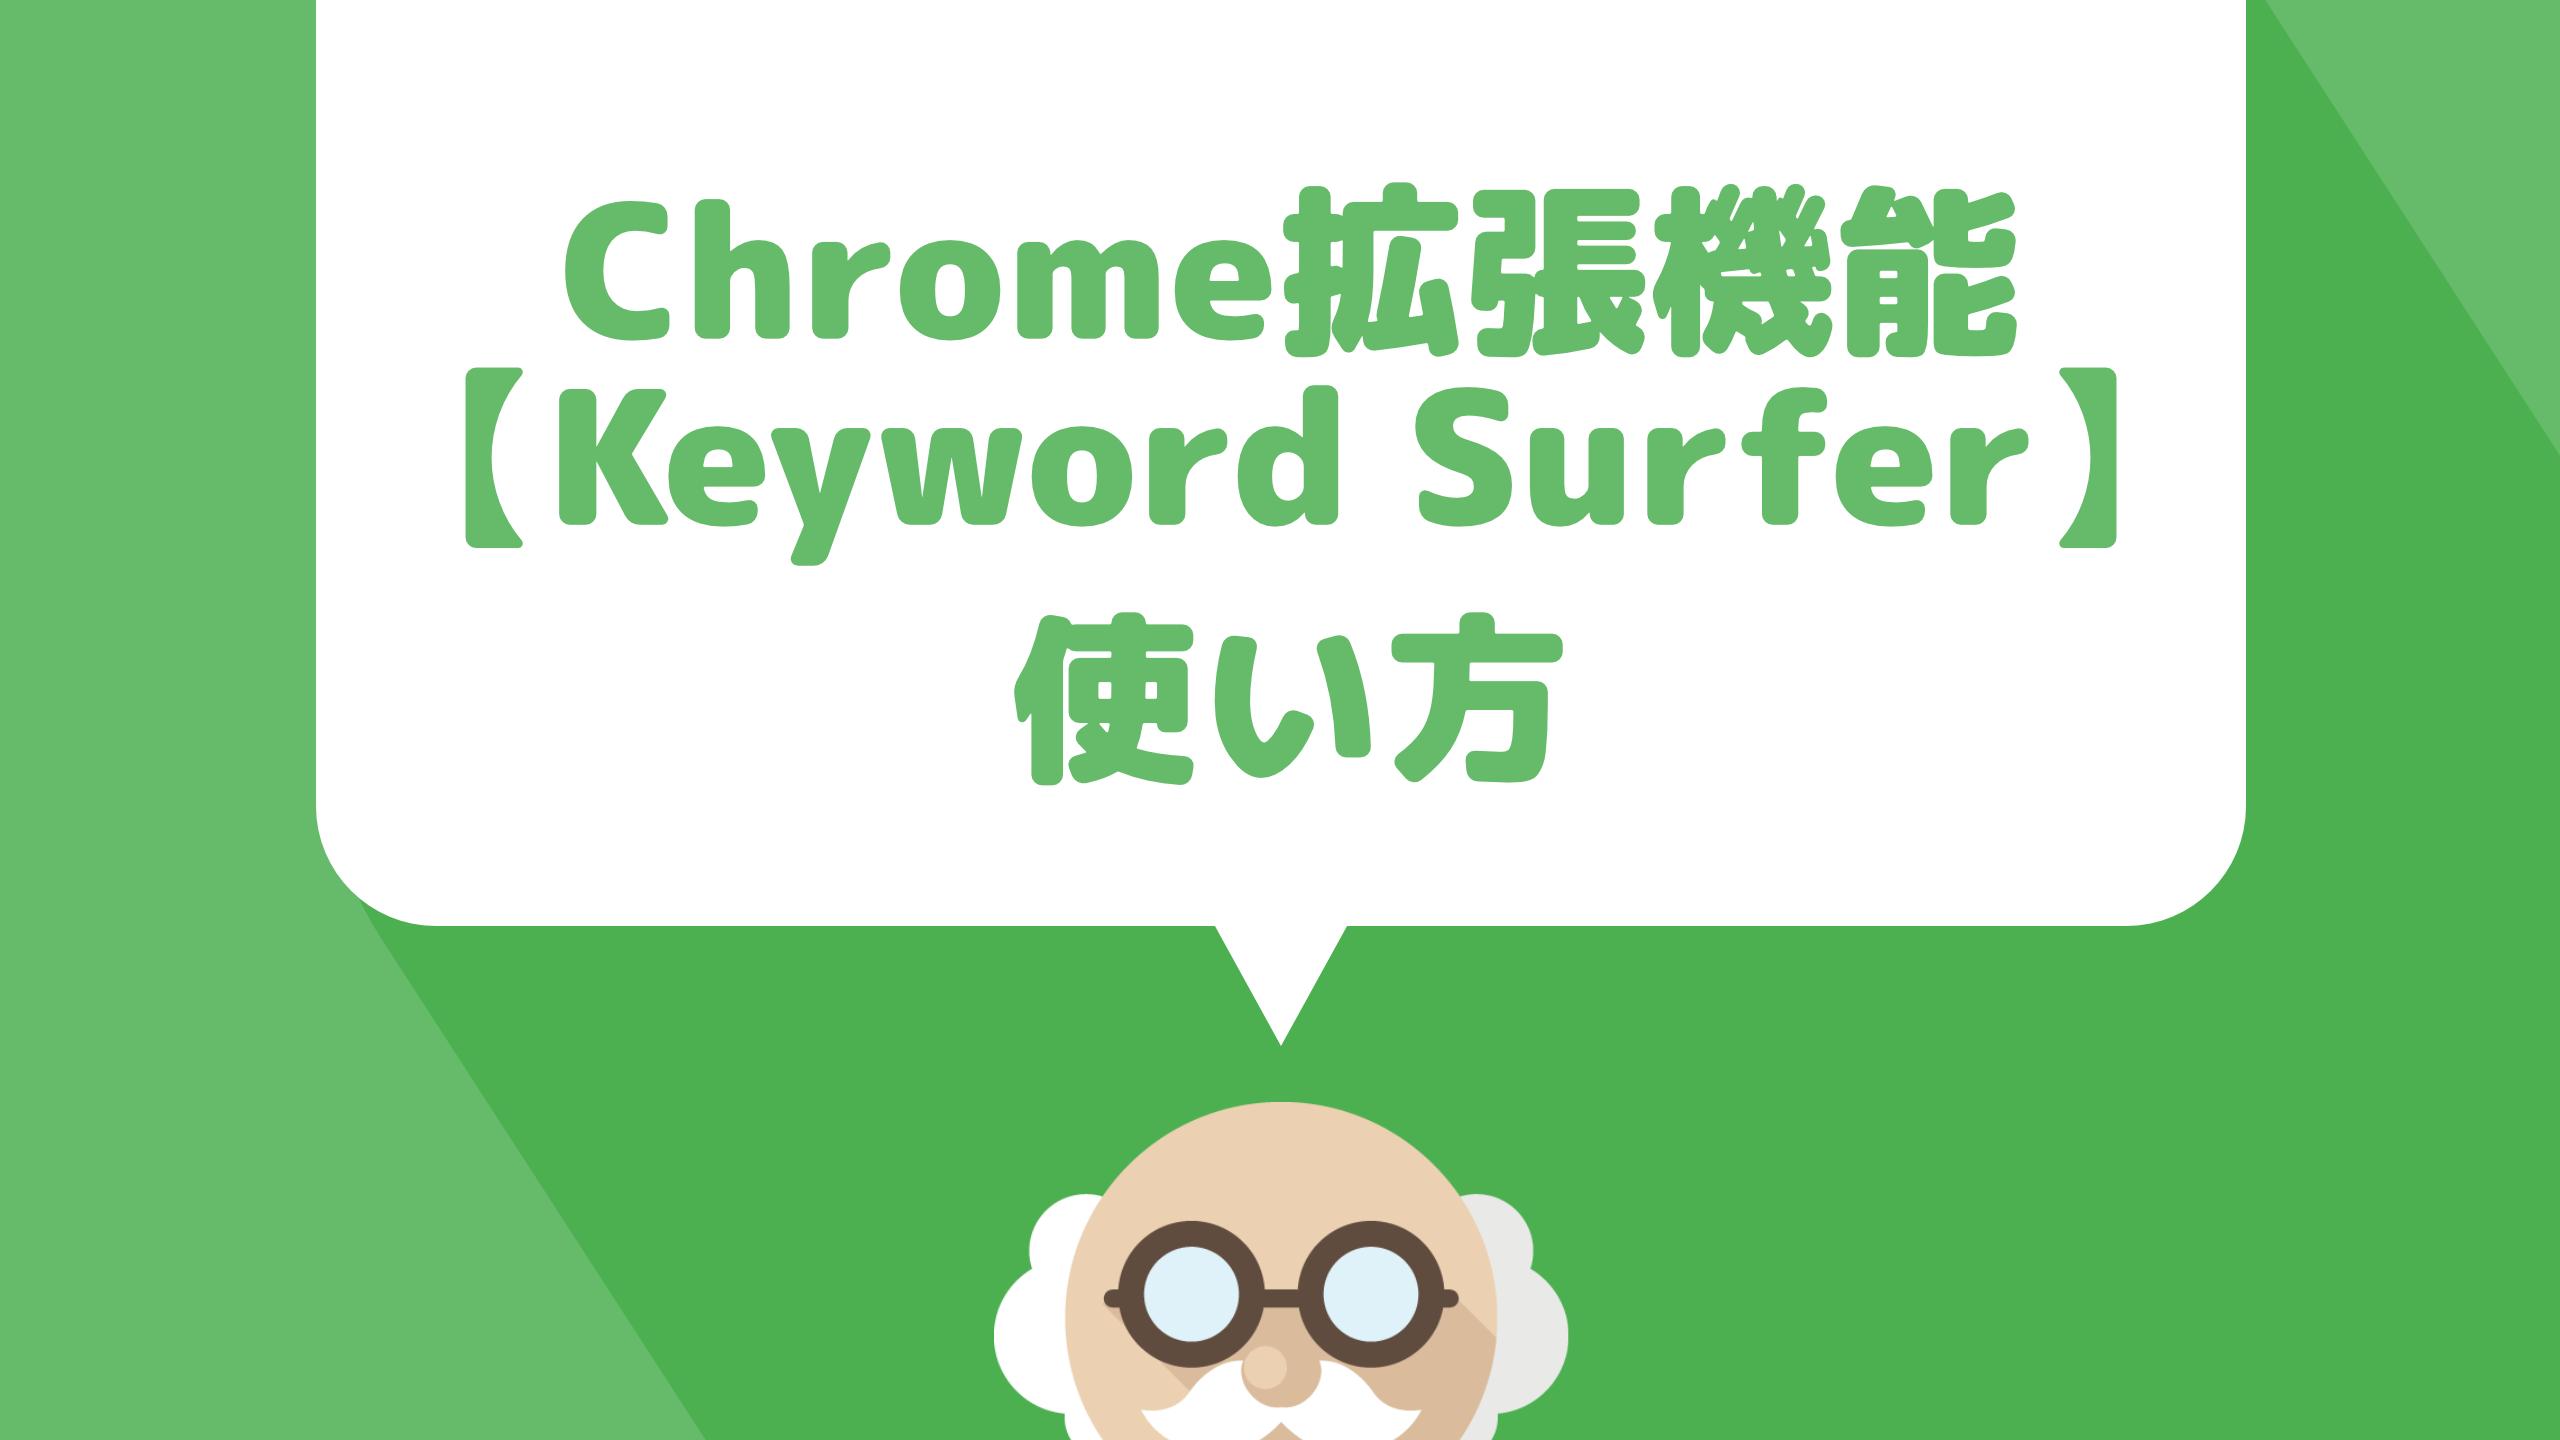 キーワード検索をChrome拡張機能で出来る【Keyword Surfer】の使い方を解説